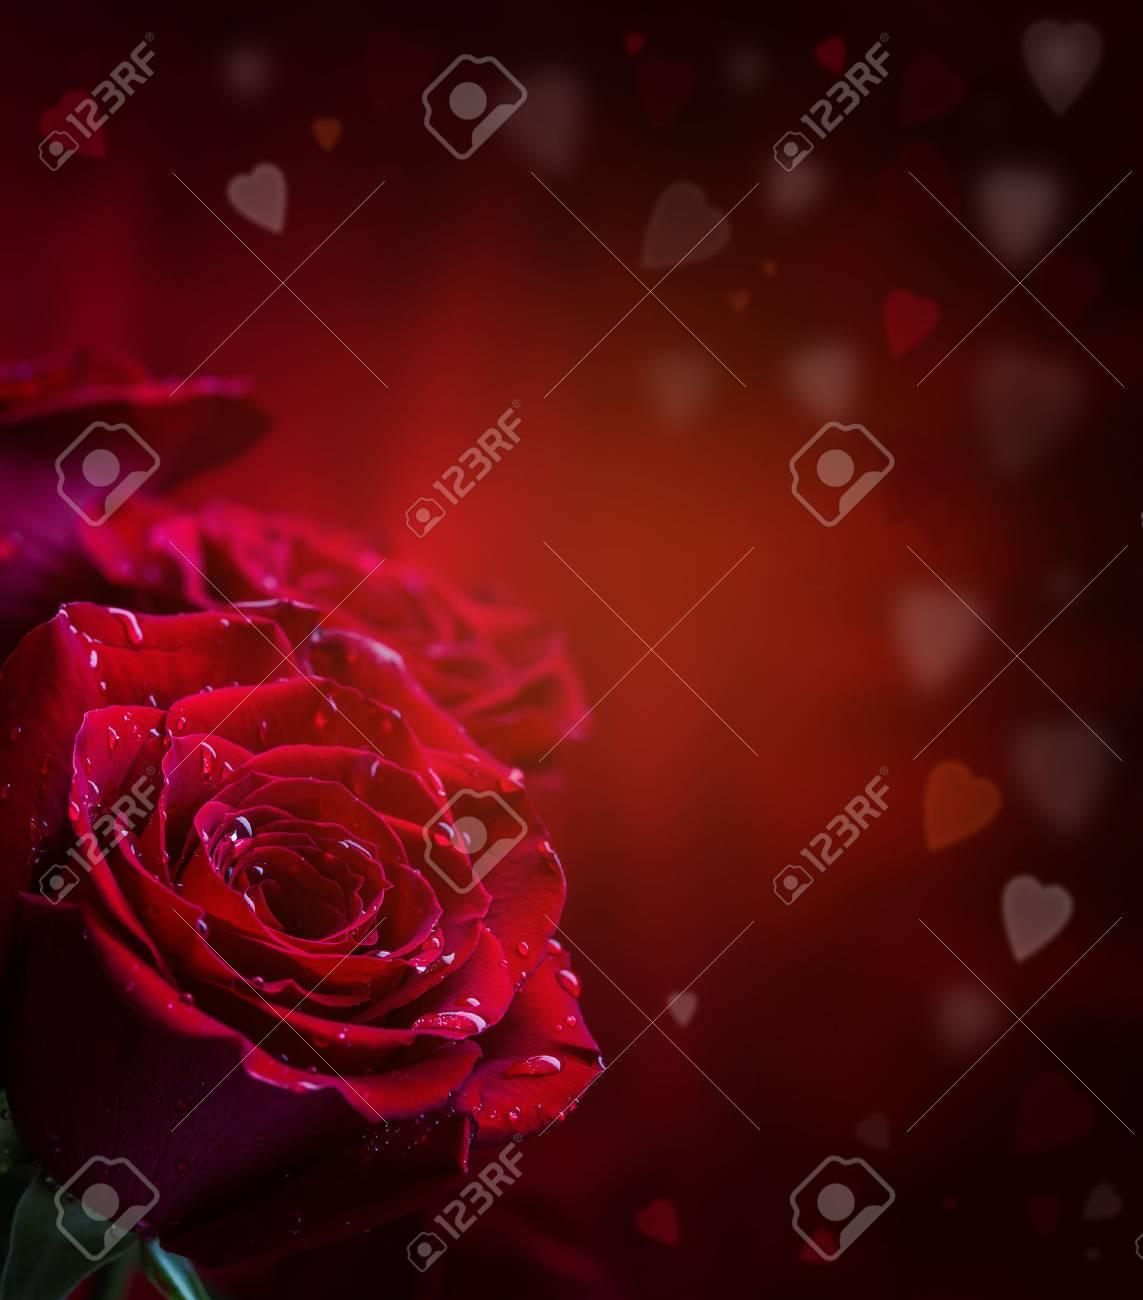 Rose Rote Rosen Blumenstrauss Aus Roten Rosen Mehrere Rosen Auf